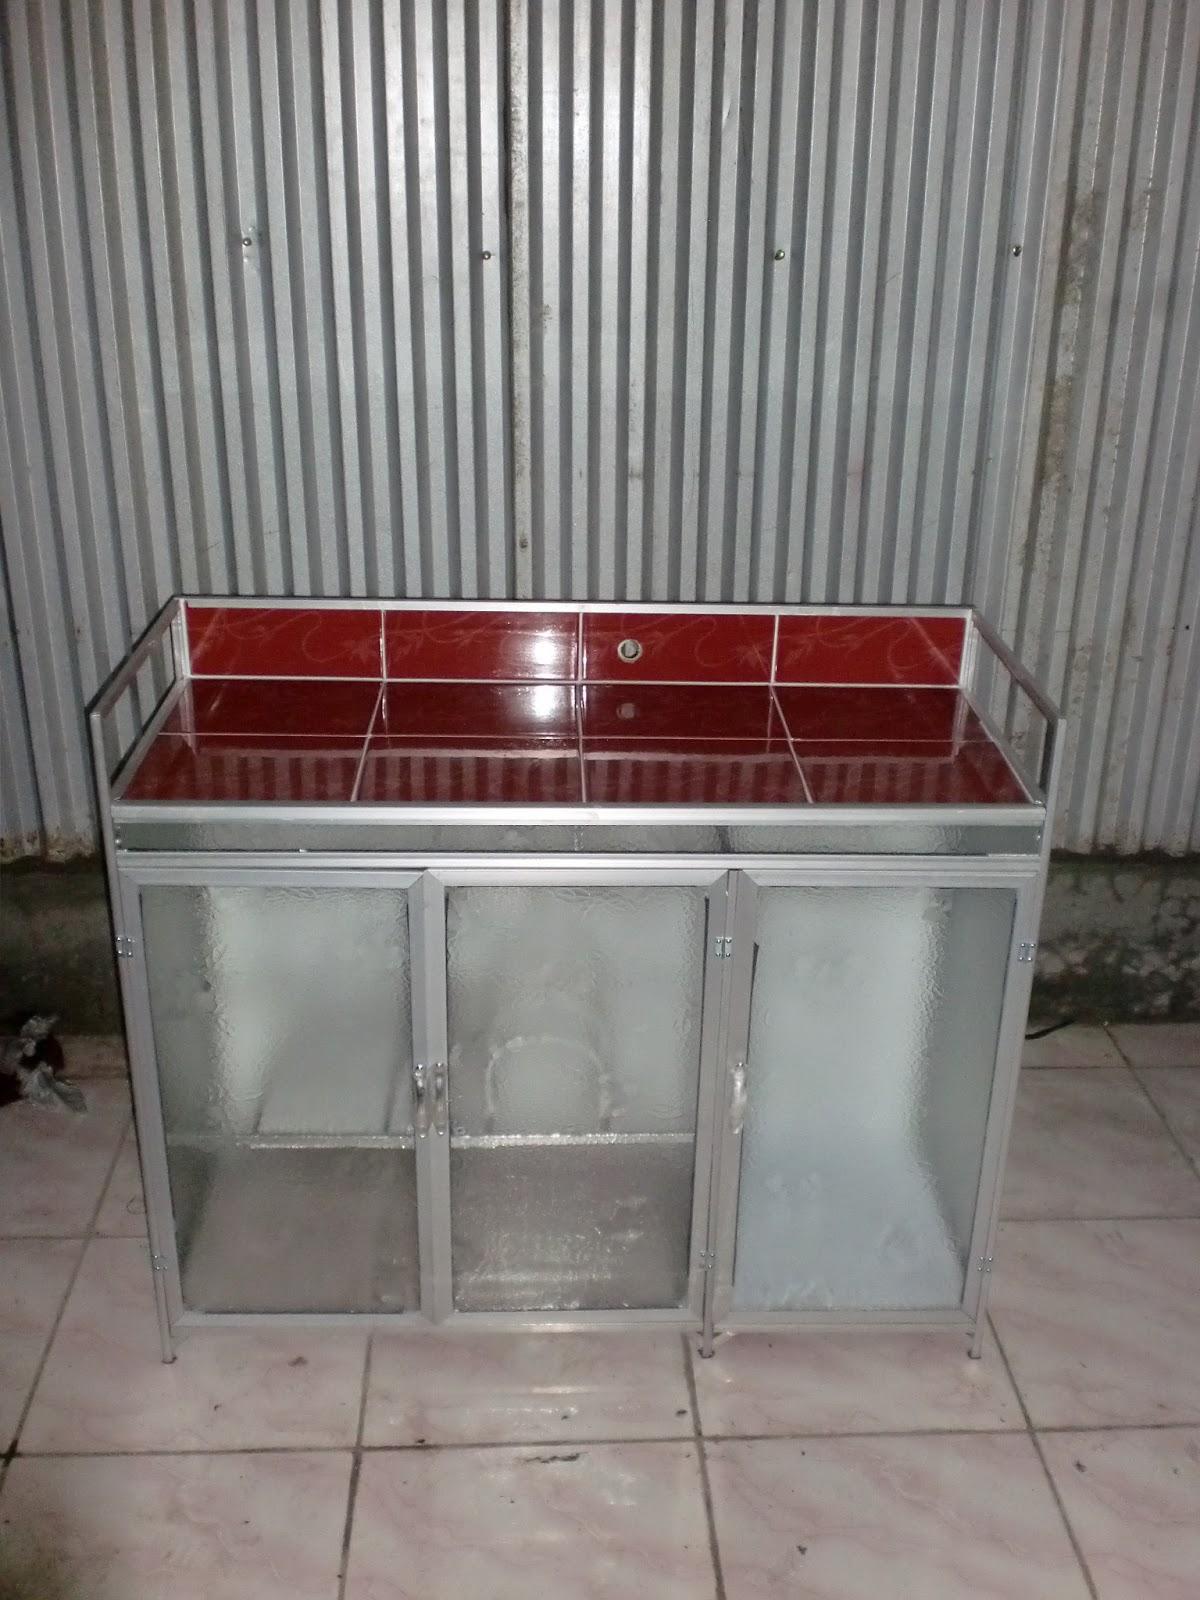 Comp Furniture And Interior Design Home Ruang Dapur Lemari Sayur Rak Alumunium Besi Str Meja Kompor